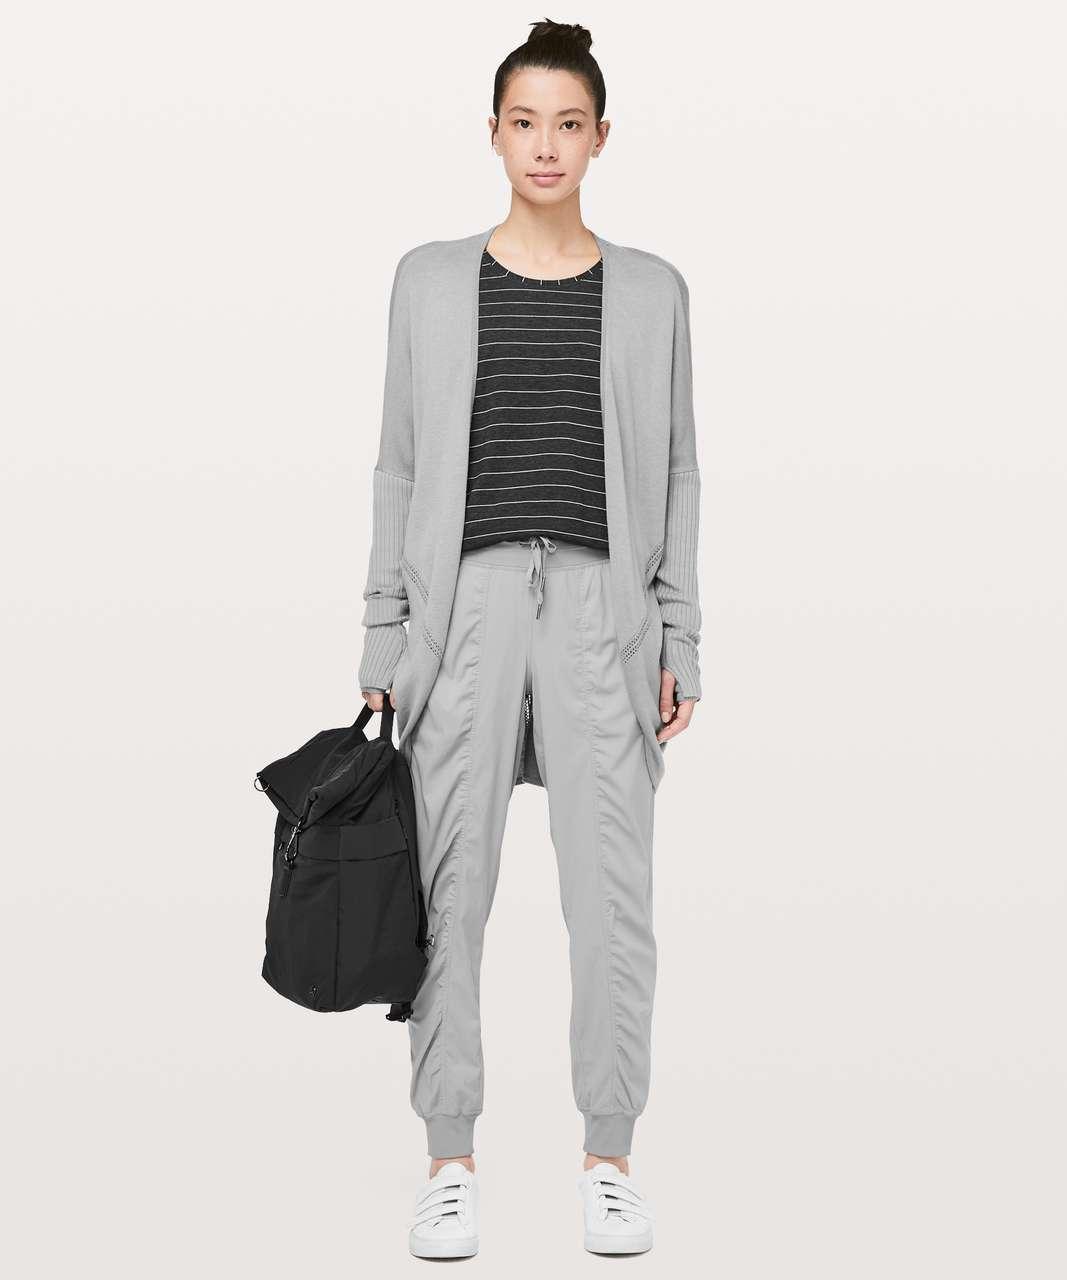 Lululemon Emerald Long Sleeve - Short Serve Stripe Heathered Black White